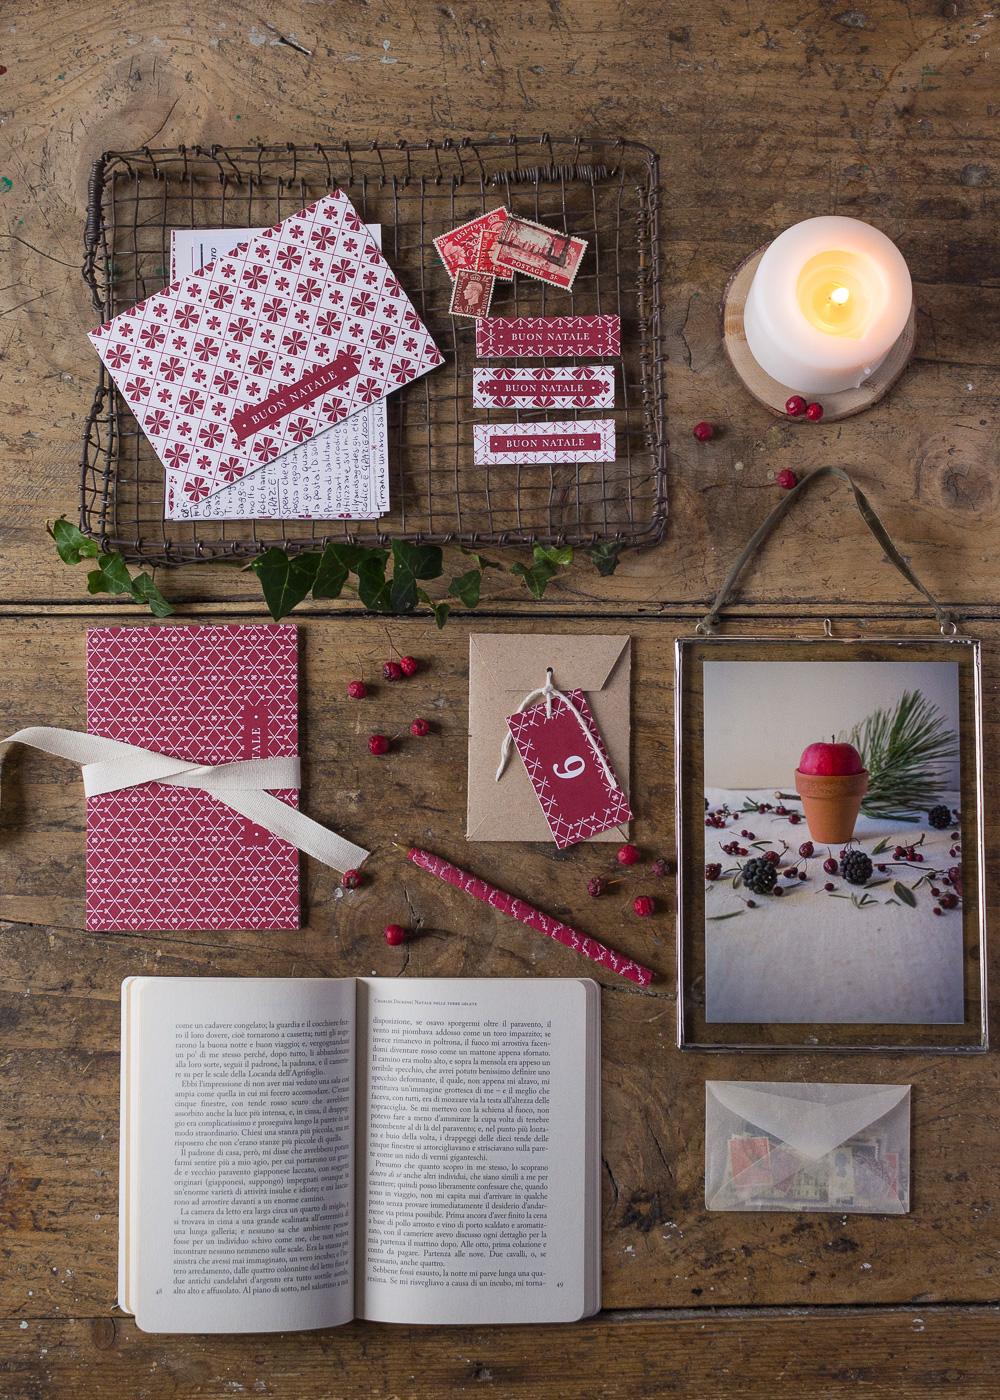 Calendario dell'Avvento - Scrivere cartoline di Natale - Un Natale di tradizioni - Lily&SageDesign